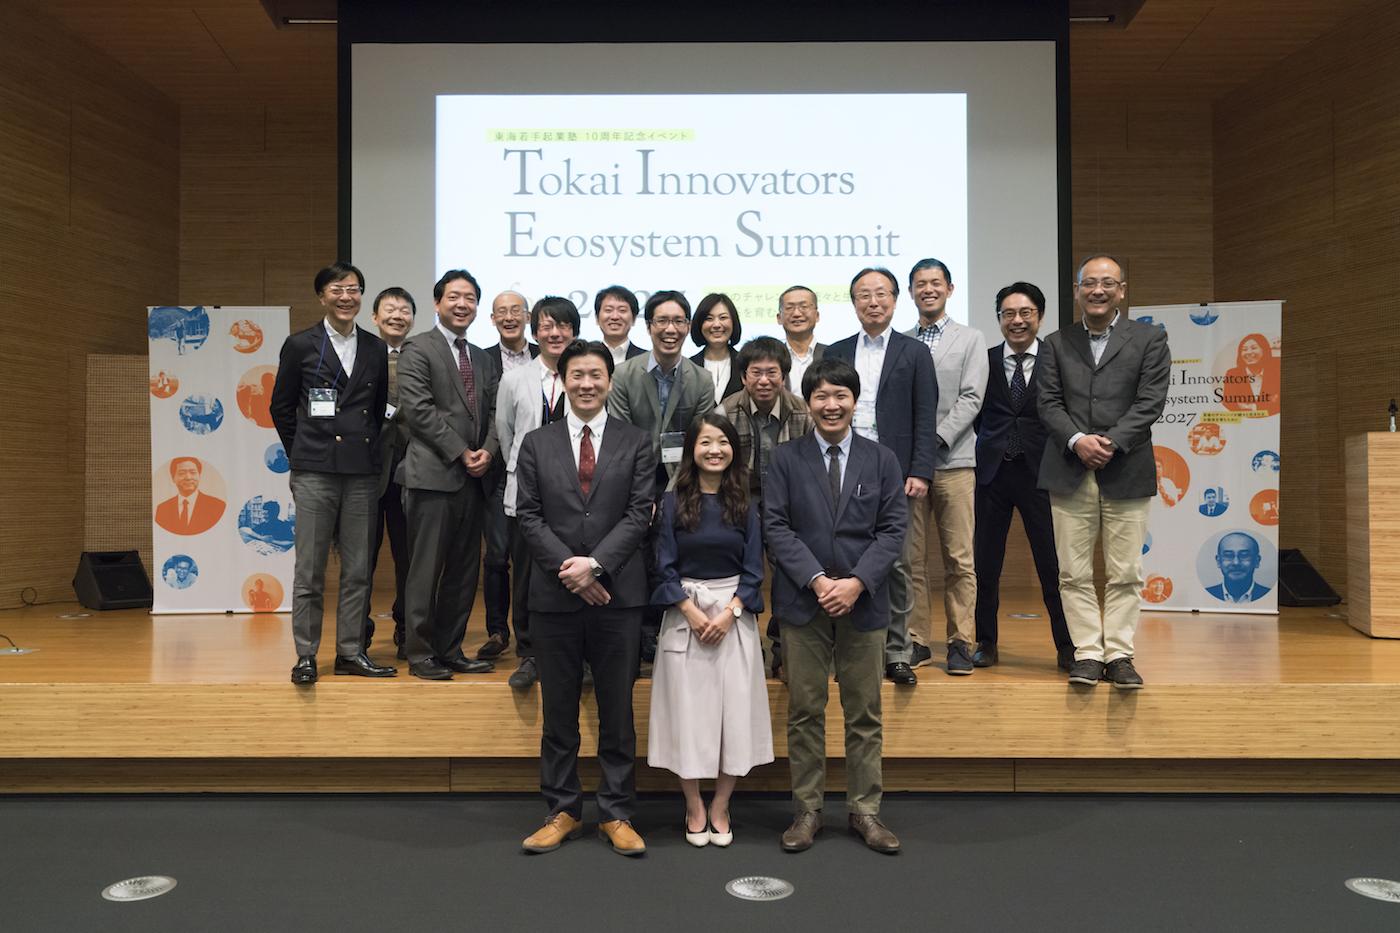 【第10期活動報告】10周年記念イベント「Tokai Innovators Ecosystem Summit for 2027」を開催しました